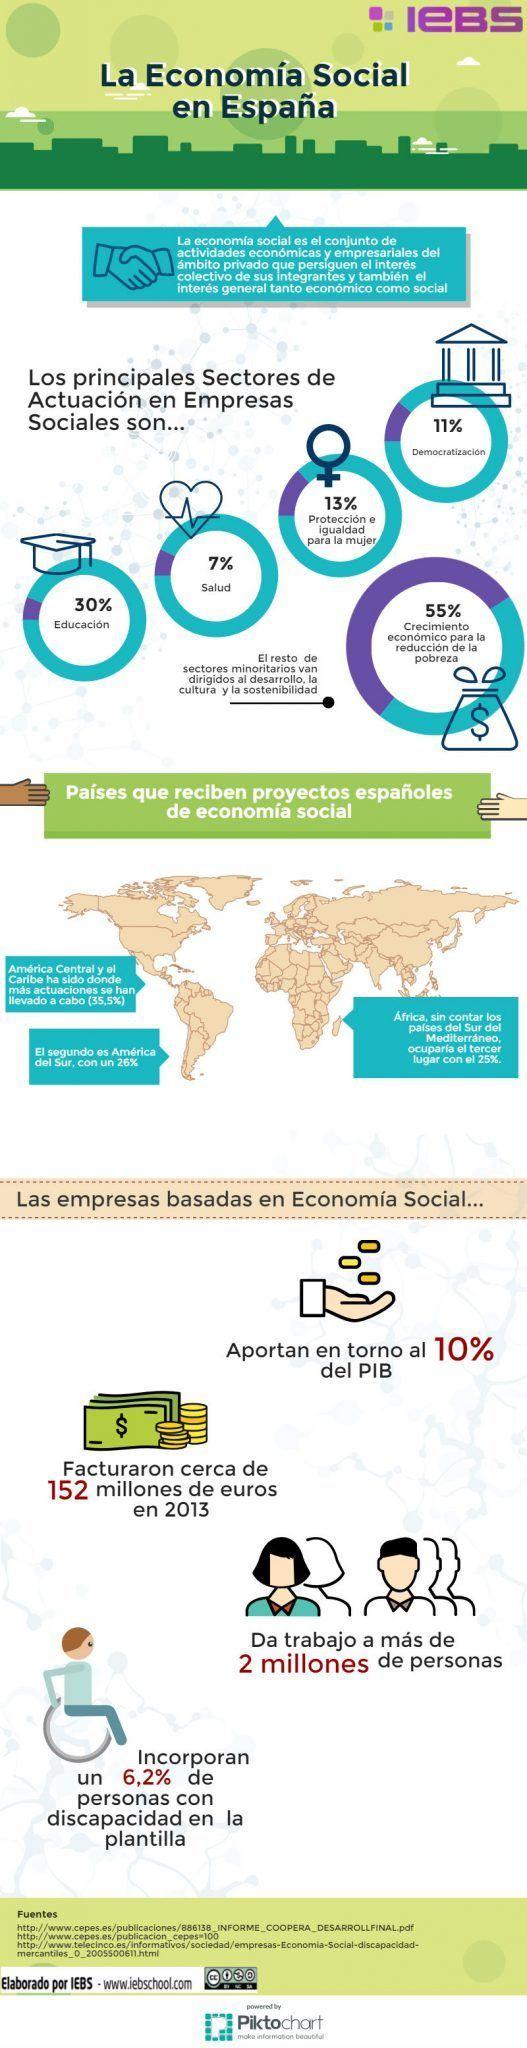 Emprendimiento social (La economía Social en España)